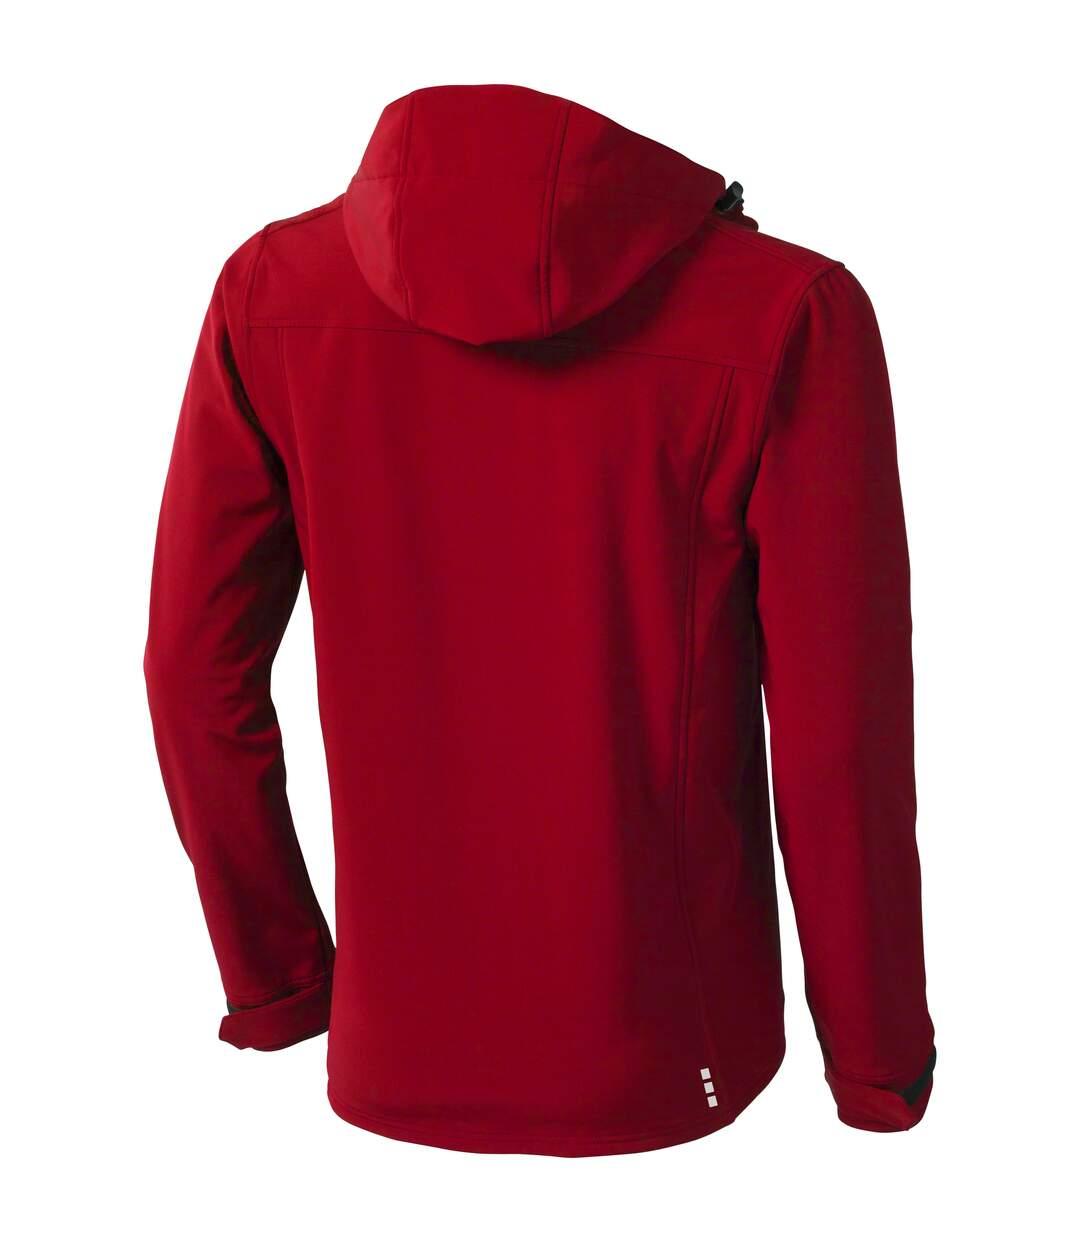 Elevate Mens Langley Softshell Jacket (Red) - UTPF1907